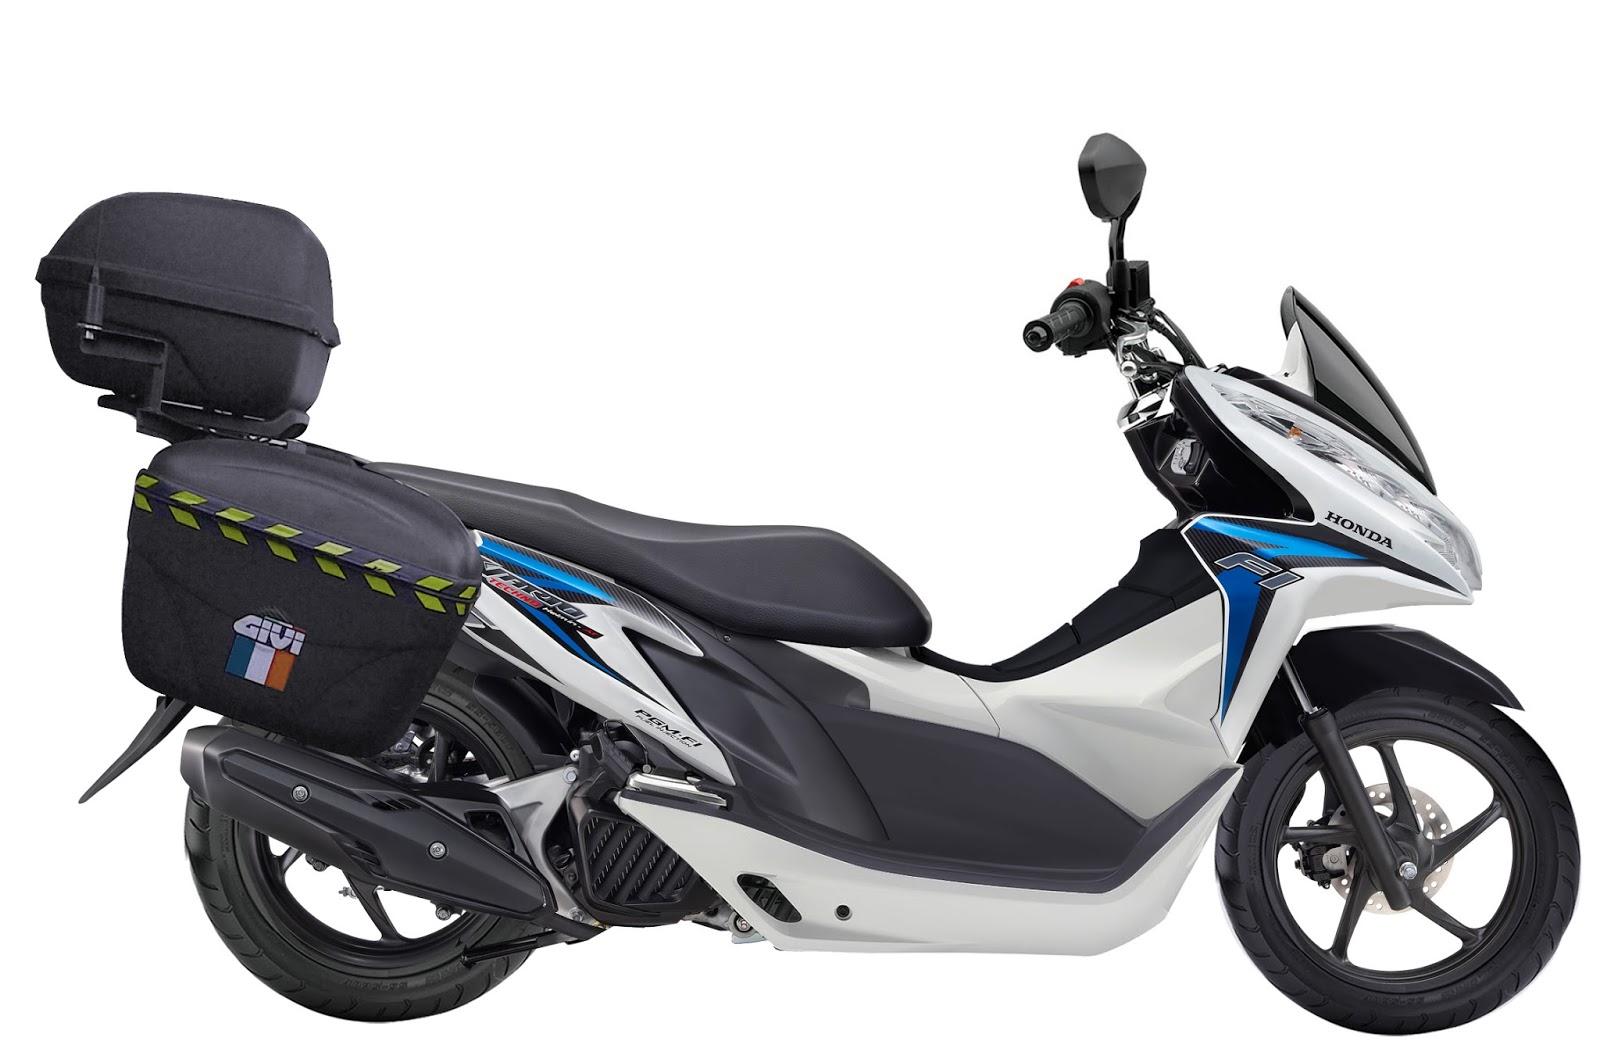 Modifikasi Honda Vario 125 Airbrush Touring Jari Jari Mesin Motor